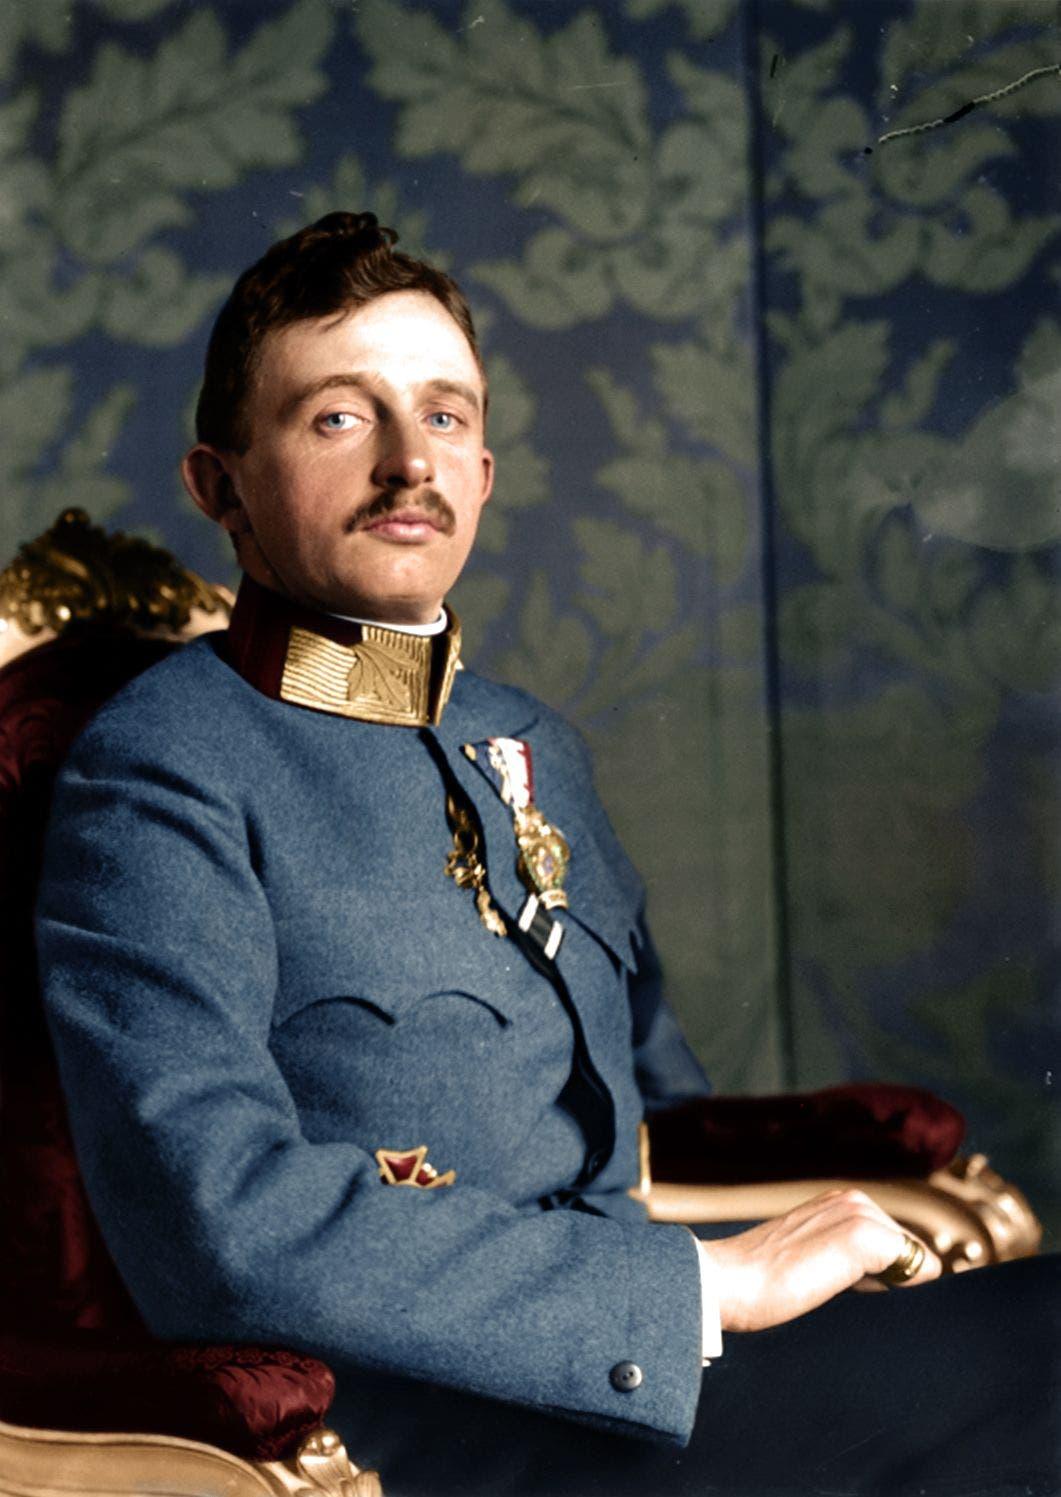 صورة ملونة اعتمادا على التقنيات الحديثة للإمبراطور النمساوي كارل الأول